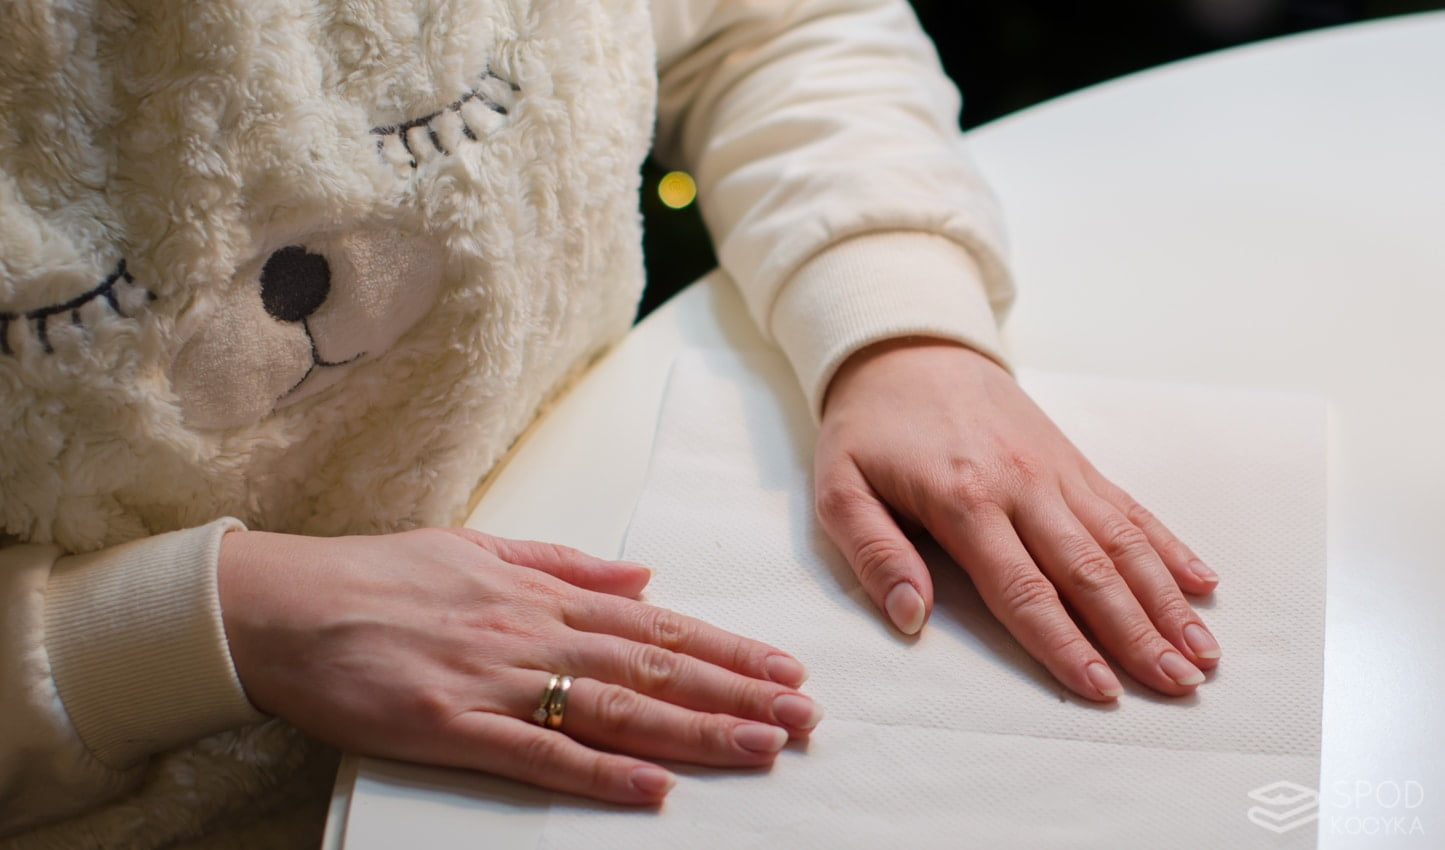 paznokcie po manicure hybrydowym po hybrydzie